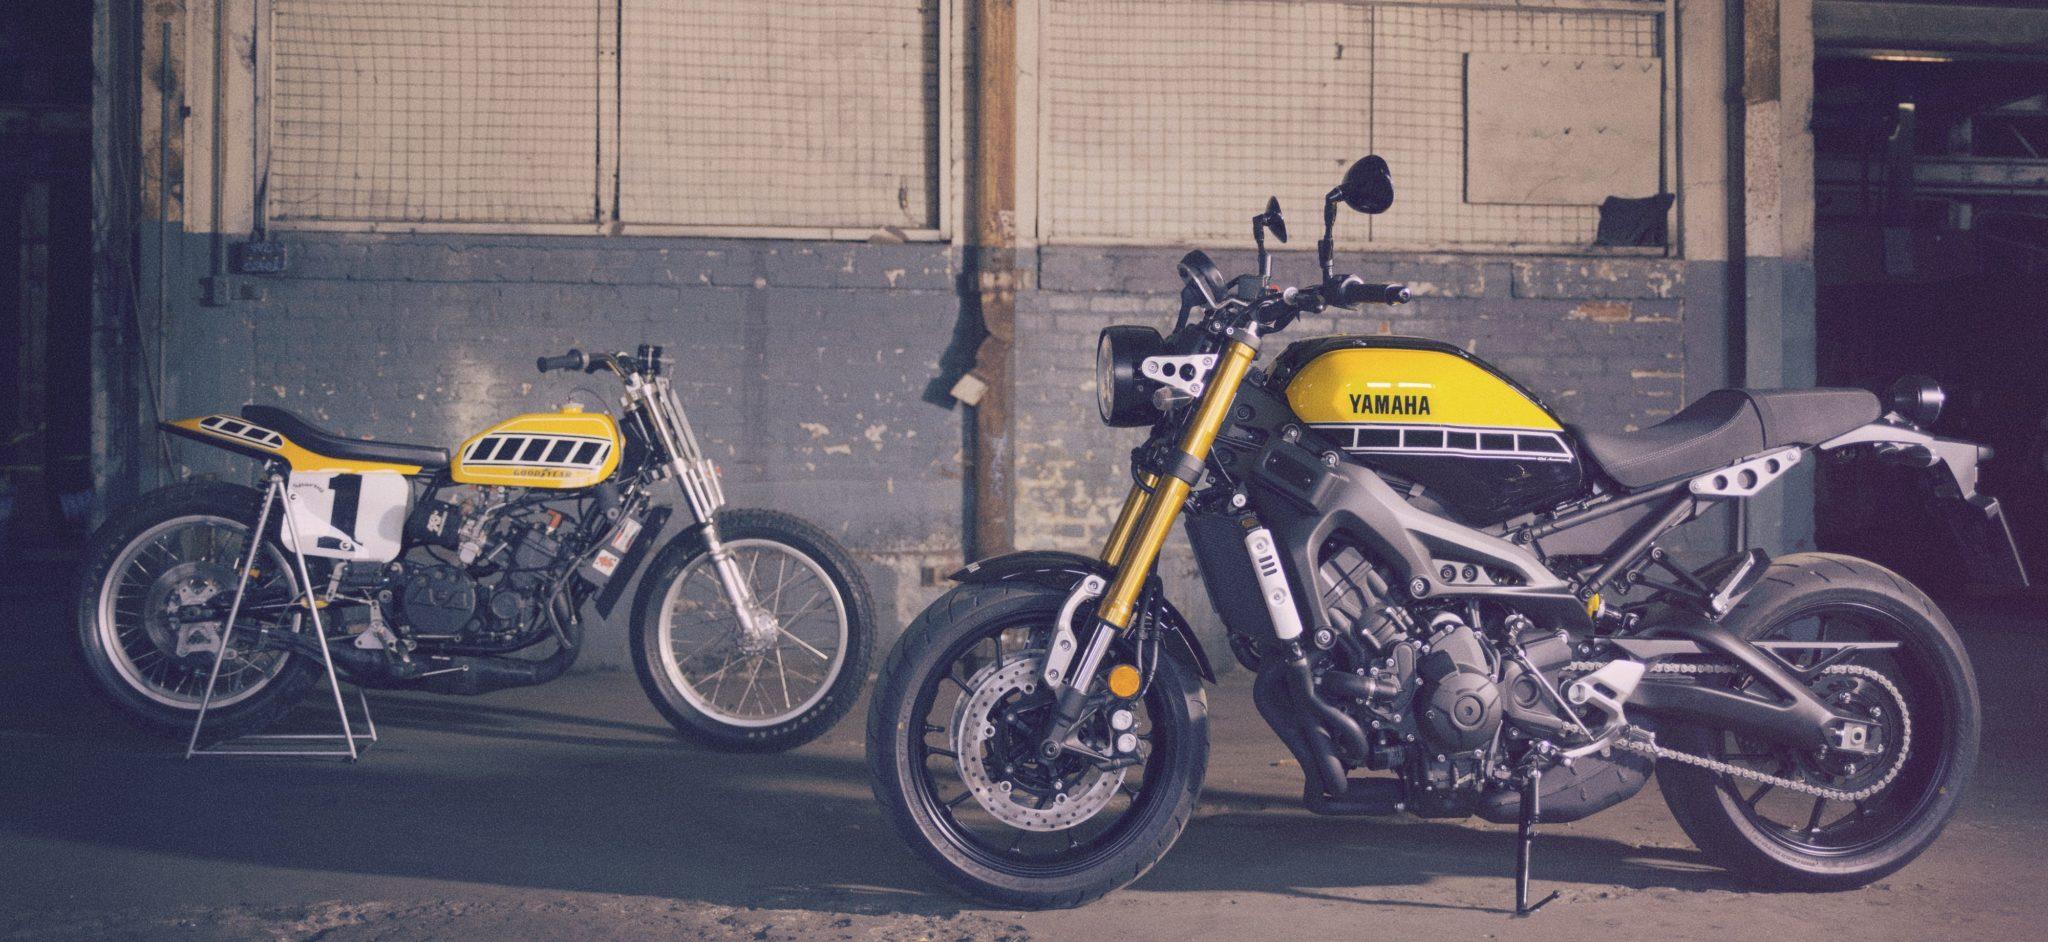 XSR 900 Gamme Yamaha FEEL